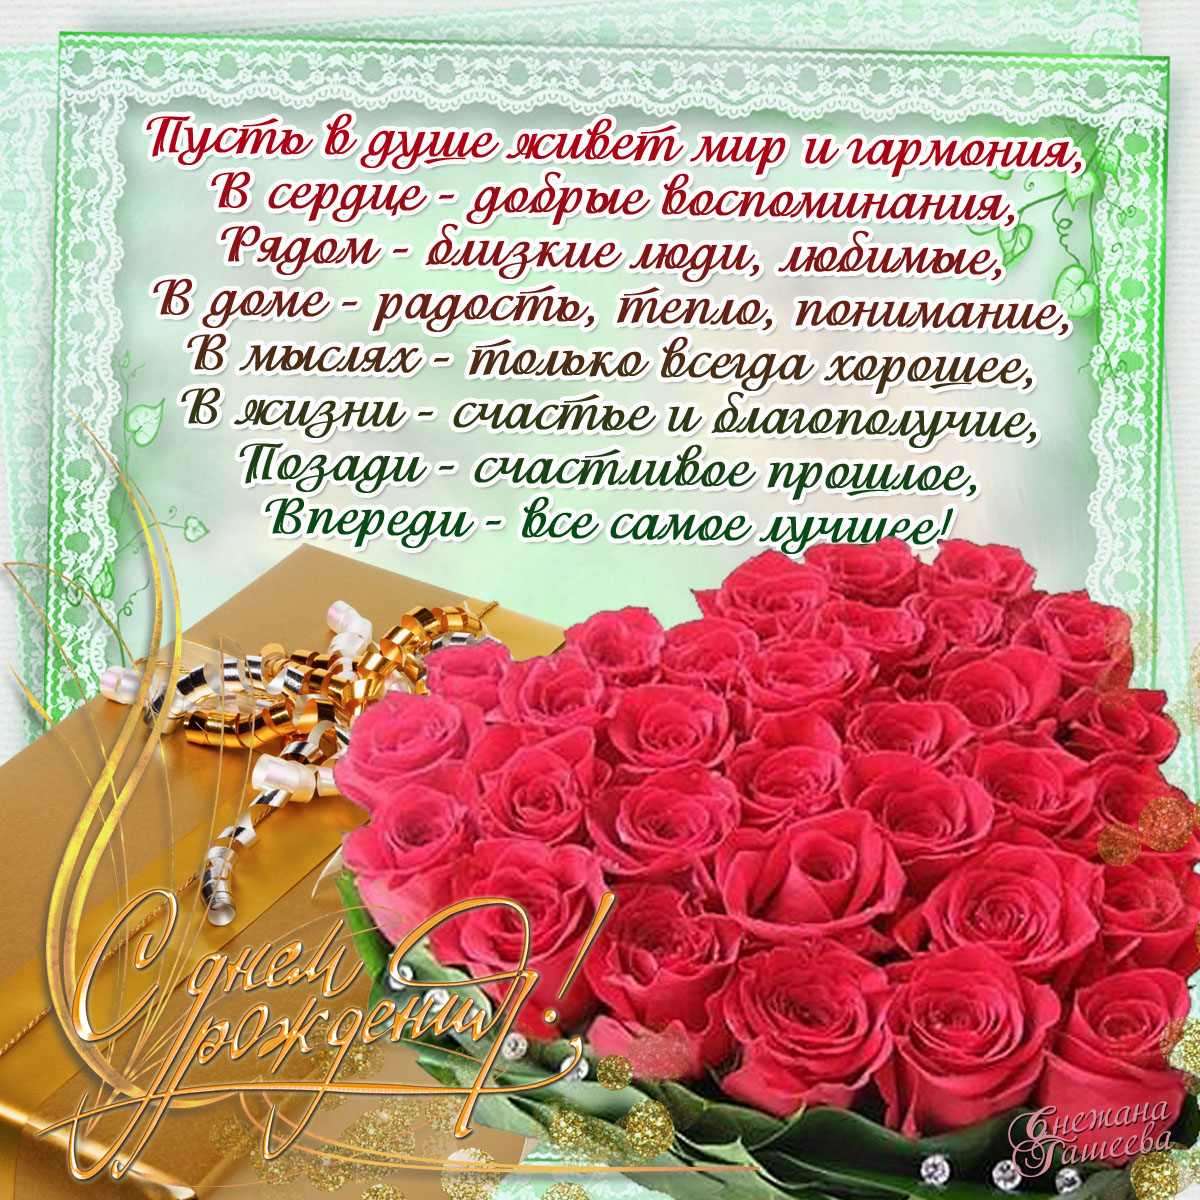 Поздравление и пожелание с днем рождения женщине в прозе